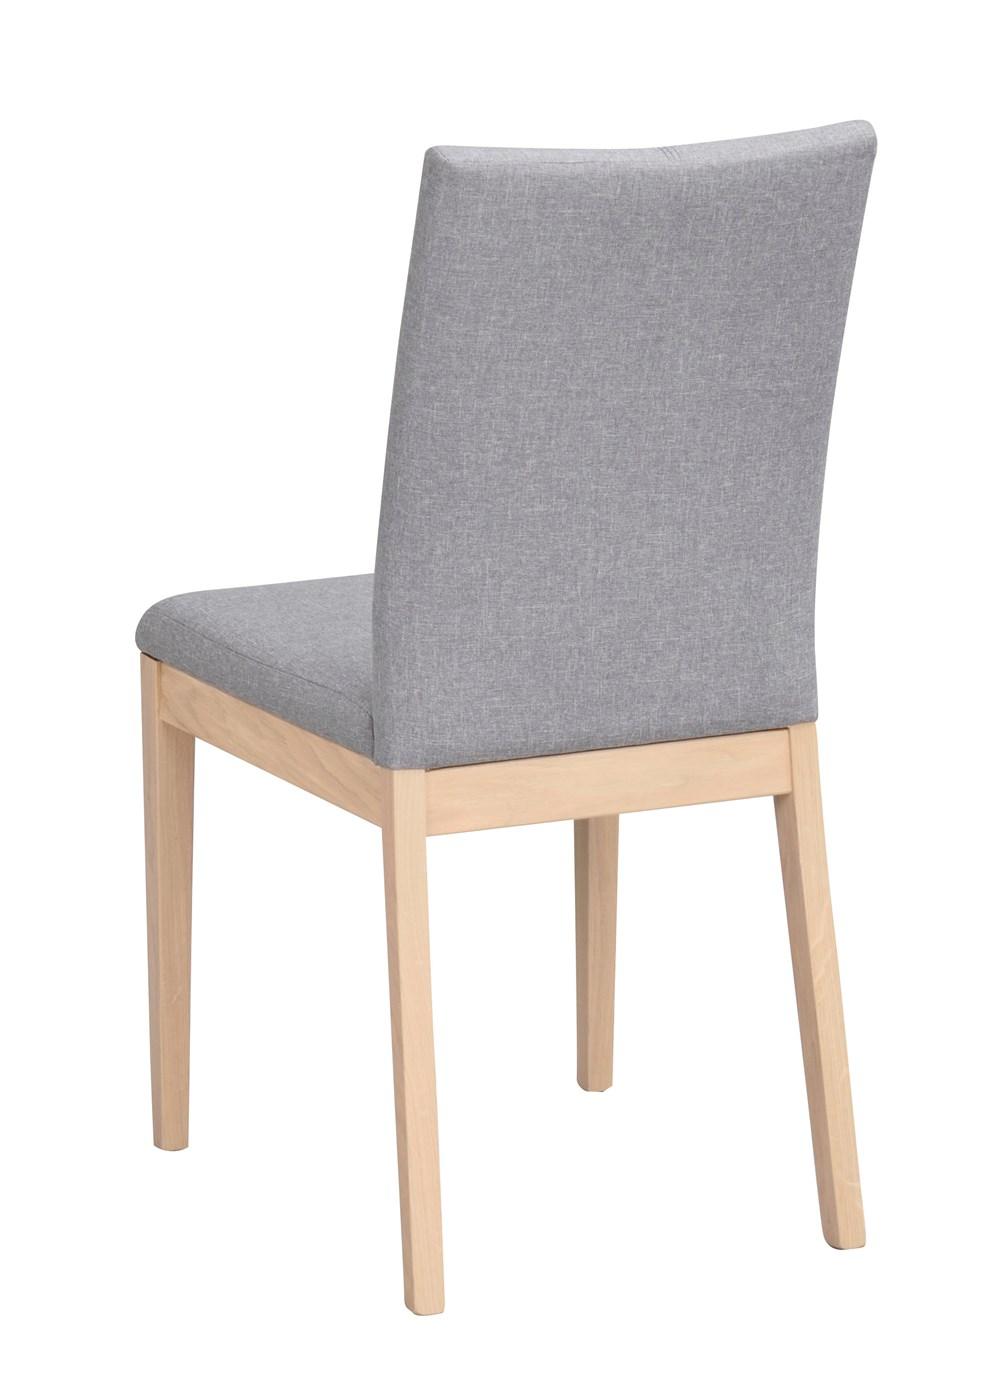 Amanda tuoli vaaleanharmaa/valkolakattu tammi, Rowico